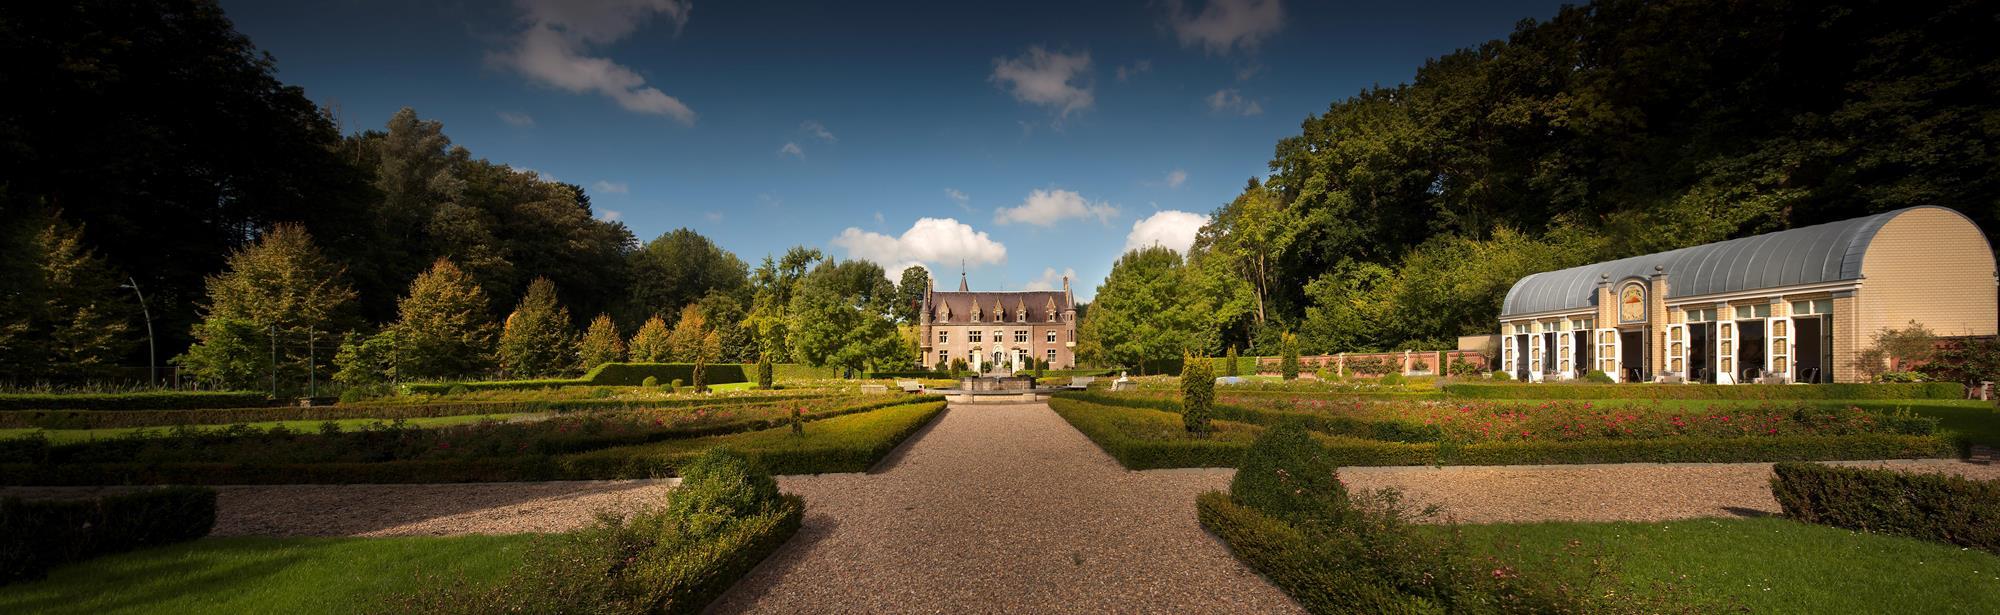 Heuvelroute Parkstad Limburg